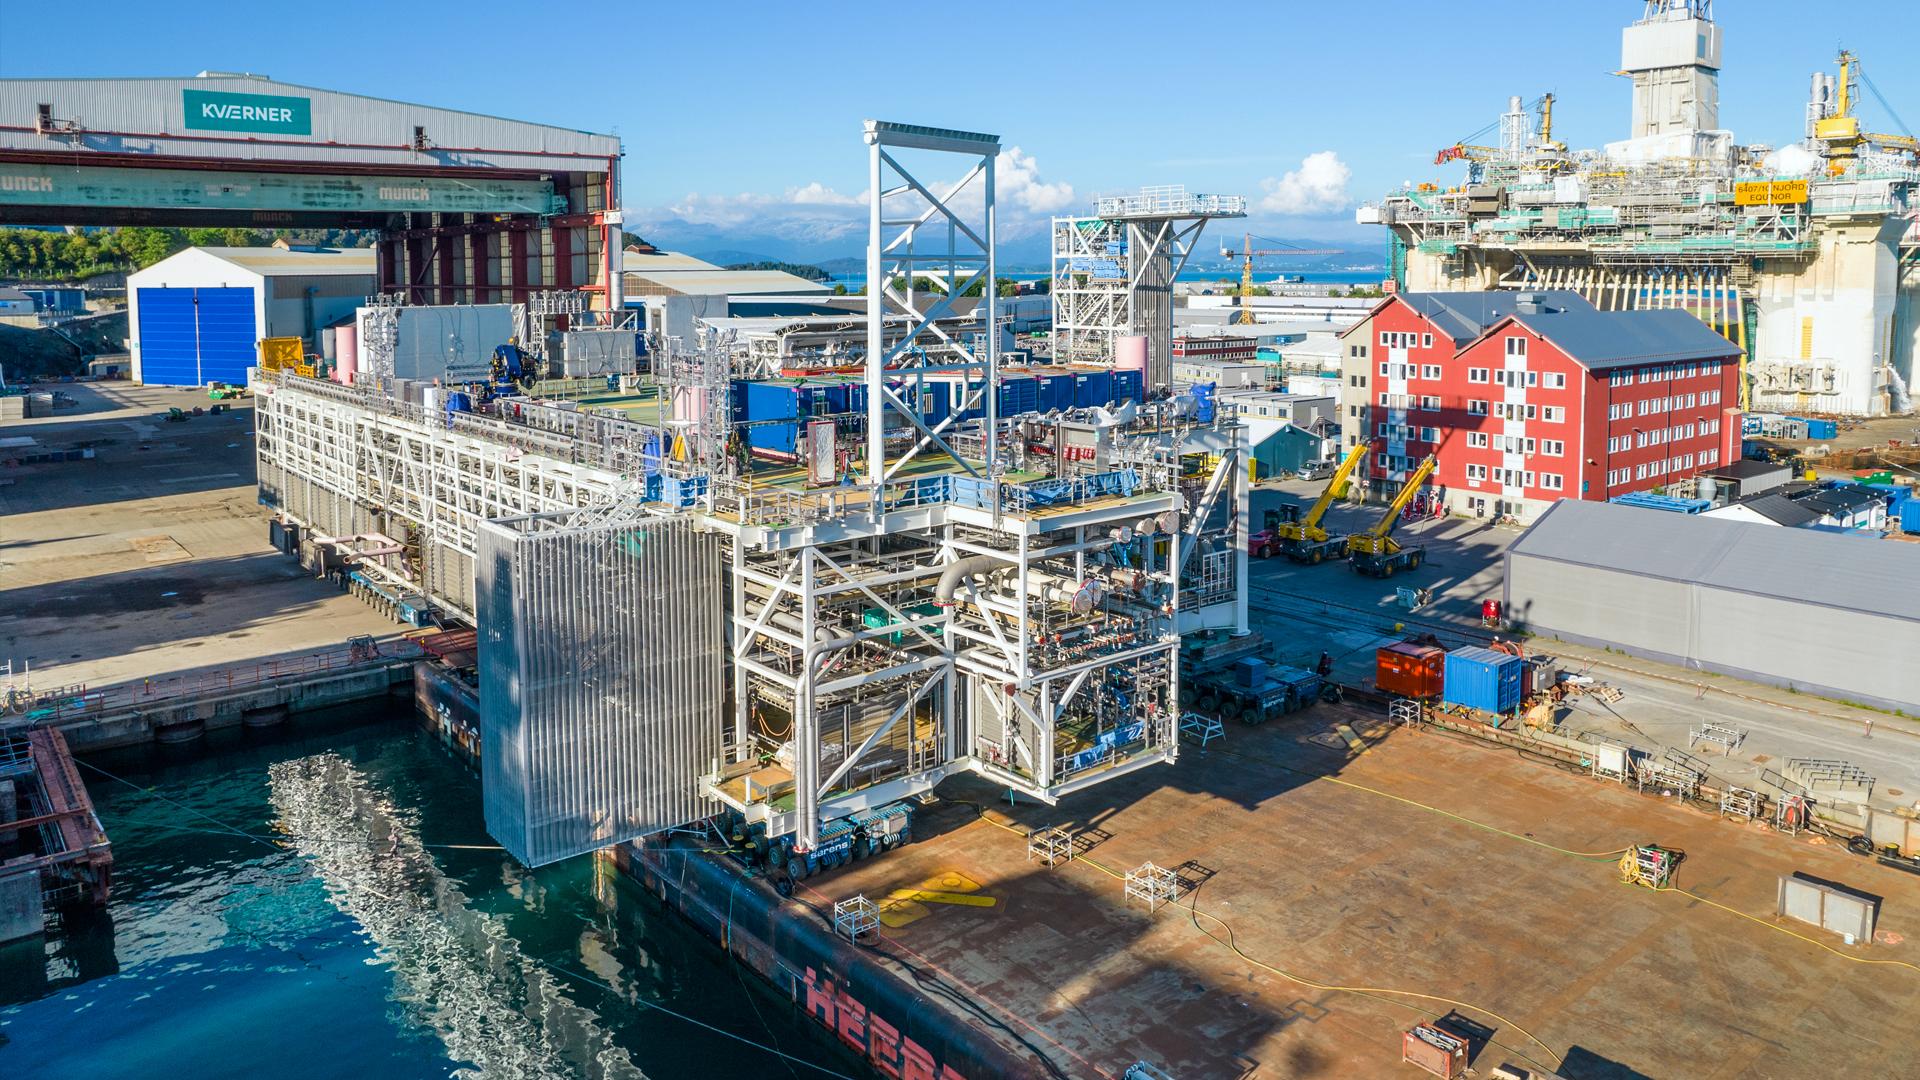 Aker Solutions: Delivers 5000-ton module for epic Johan Sverdrup riser platform - The OGM